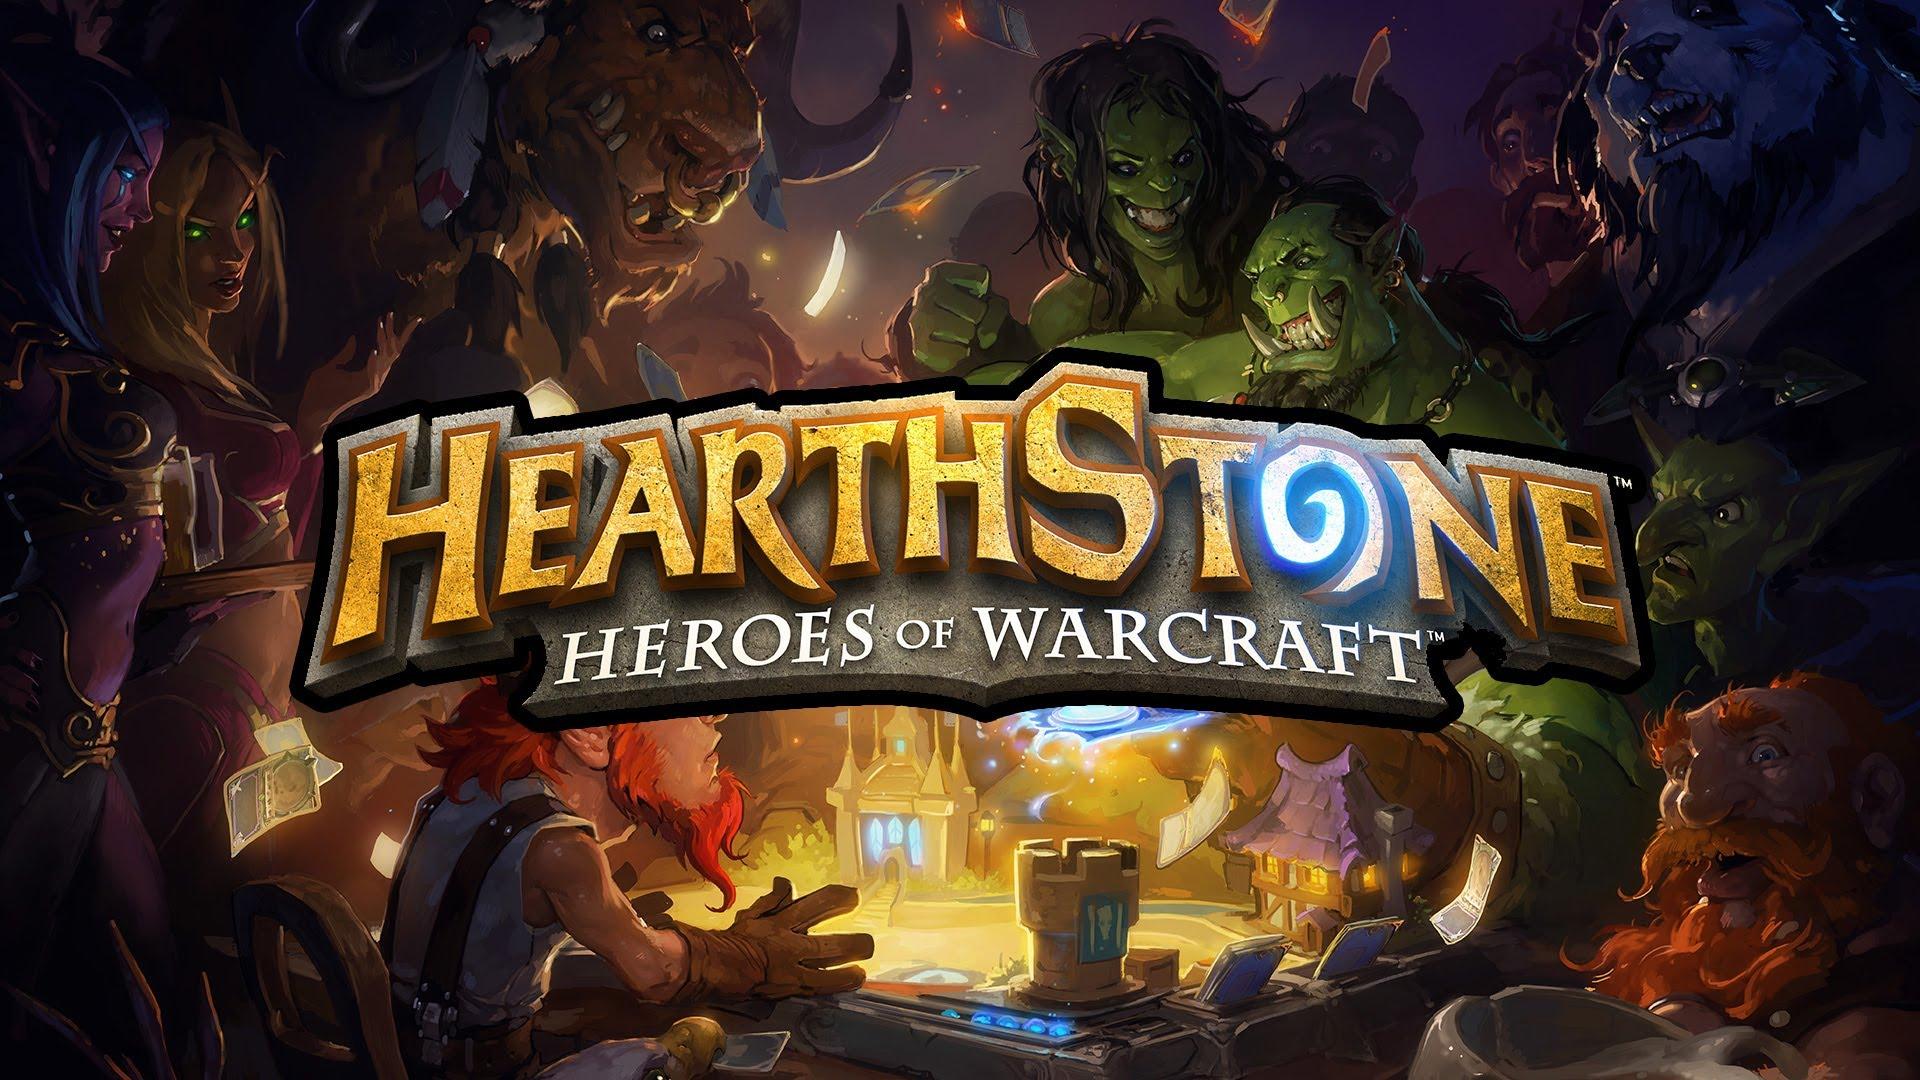 بازی Hearthstone از زمان عرضه، بیش از ۱۰۰ میلیون بازیباز داشته است